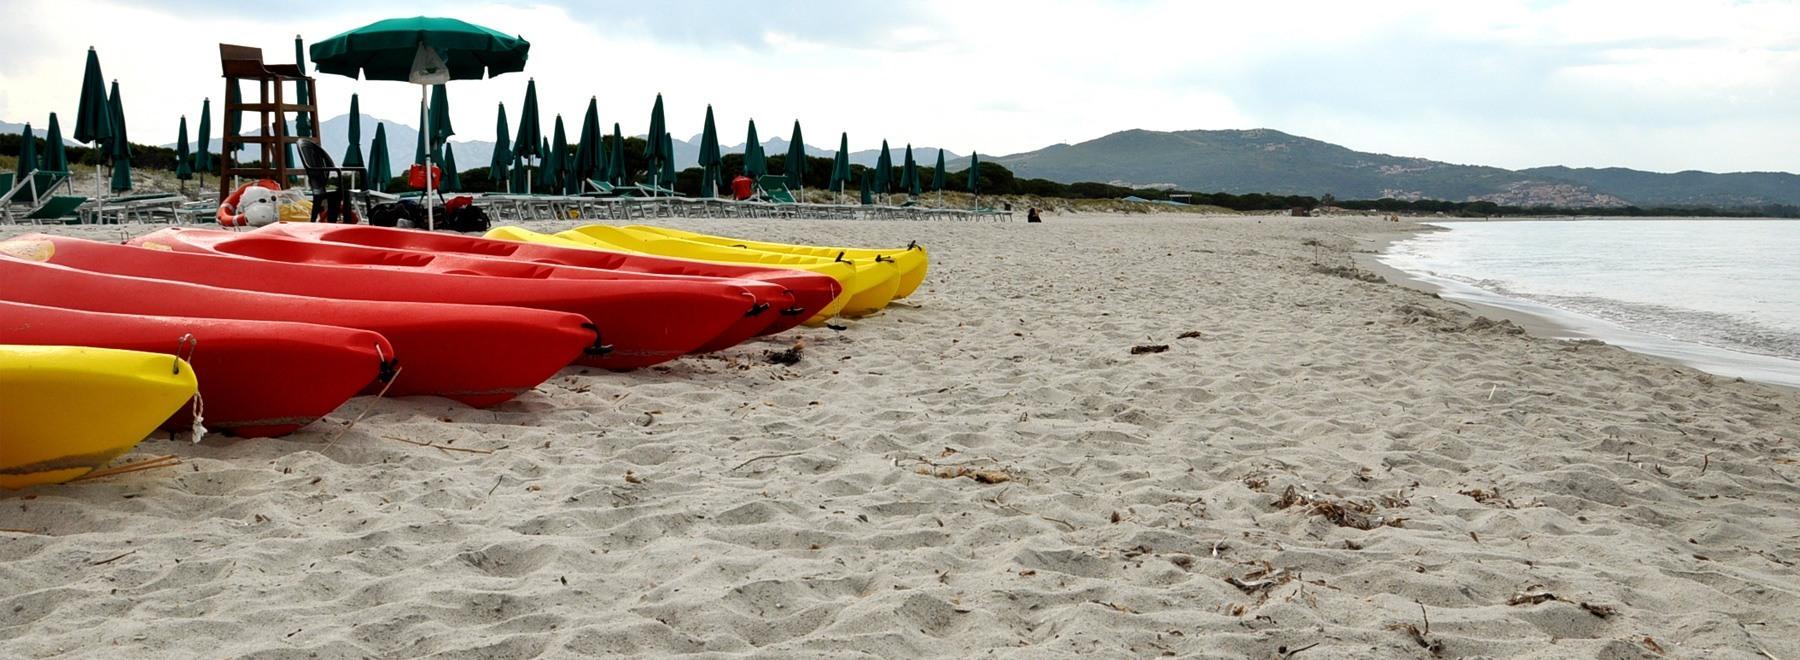 La Spiaggia riservata del Villaggio Baia dei Pini Villaggio  Sardegna